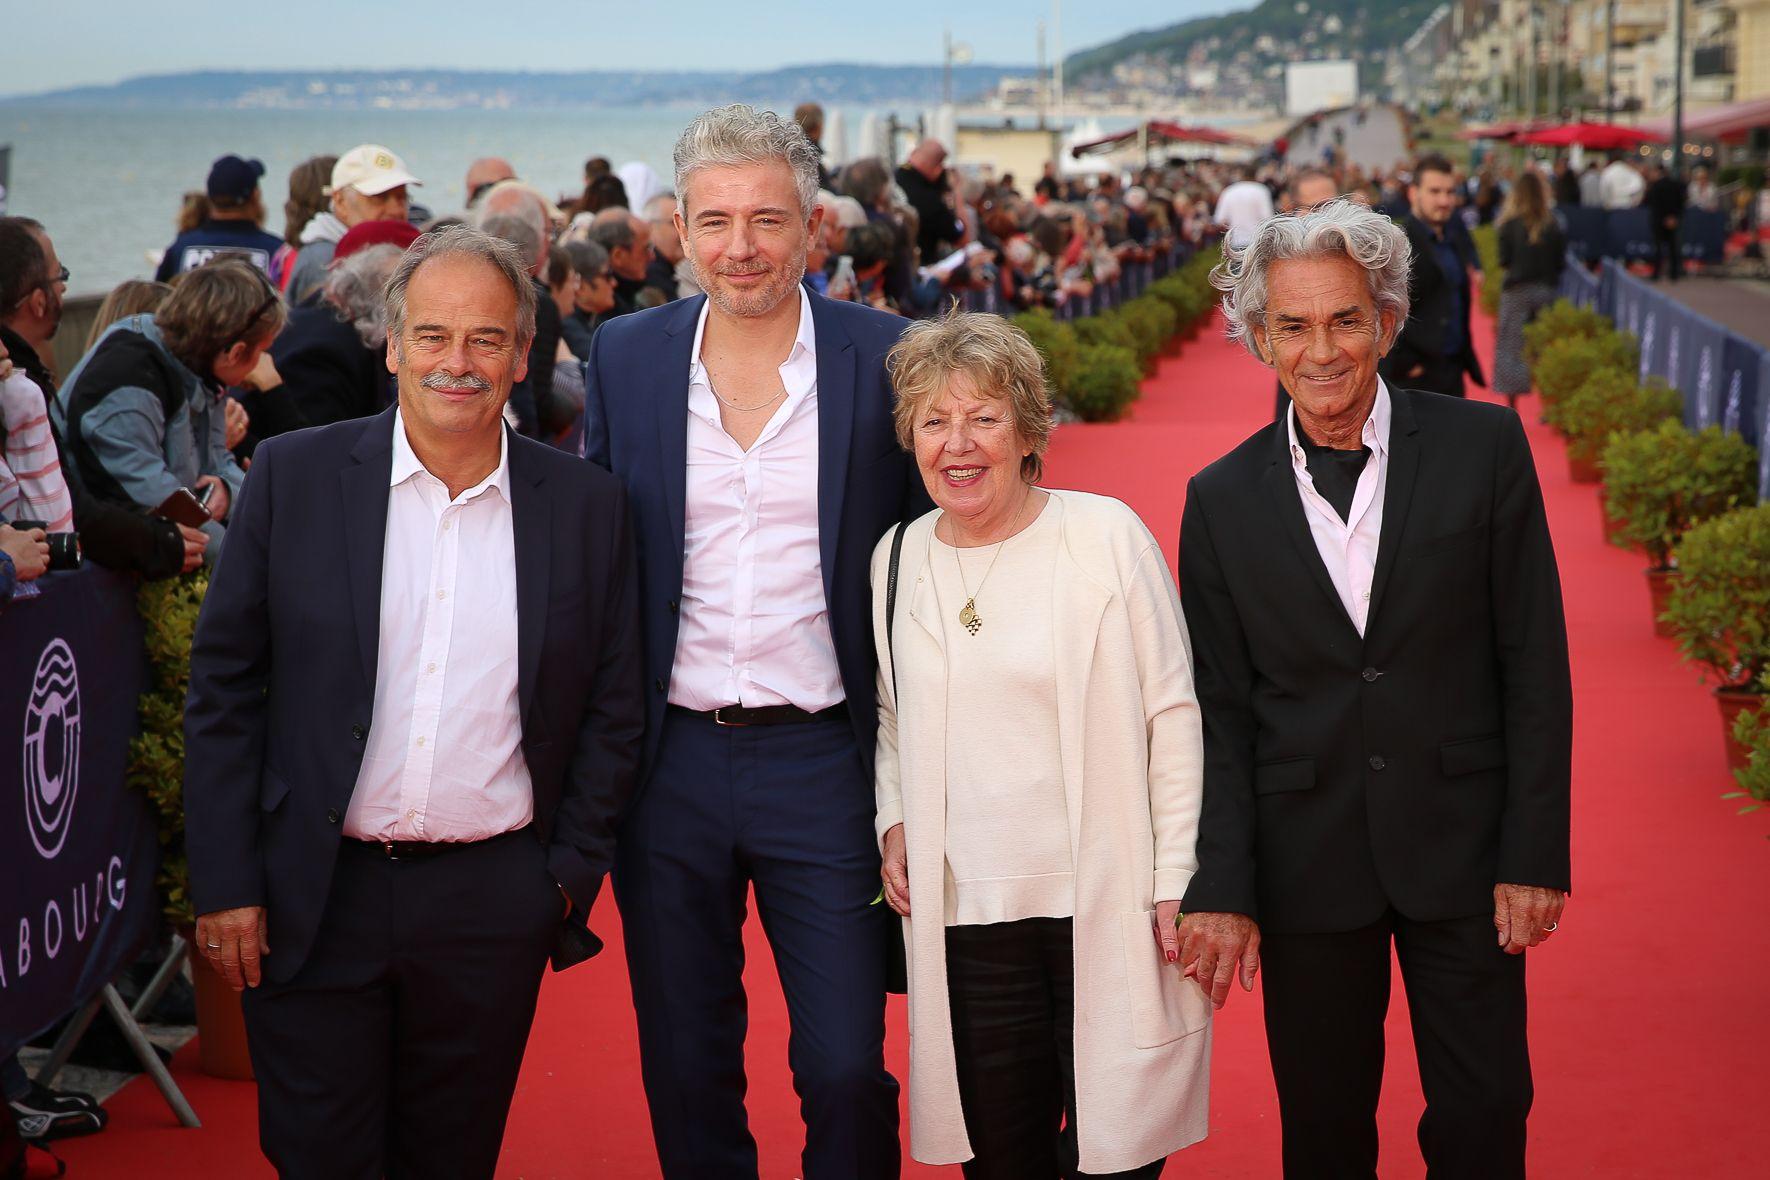 Le comité des Swann : Jean-Pierre Lavoignat, Pierre Zeni, Danielle Gain et Michel Rebichon